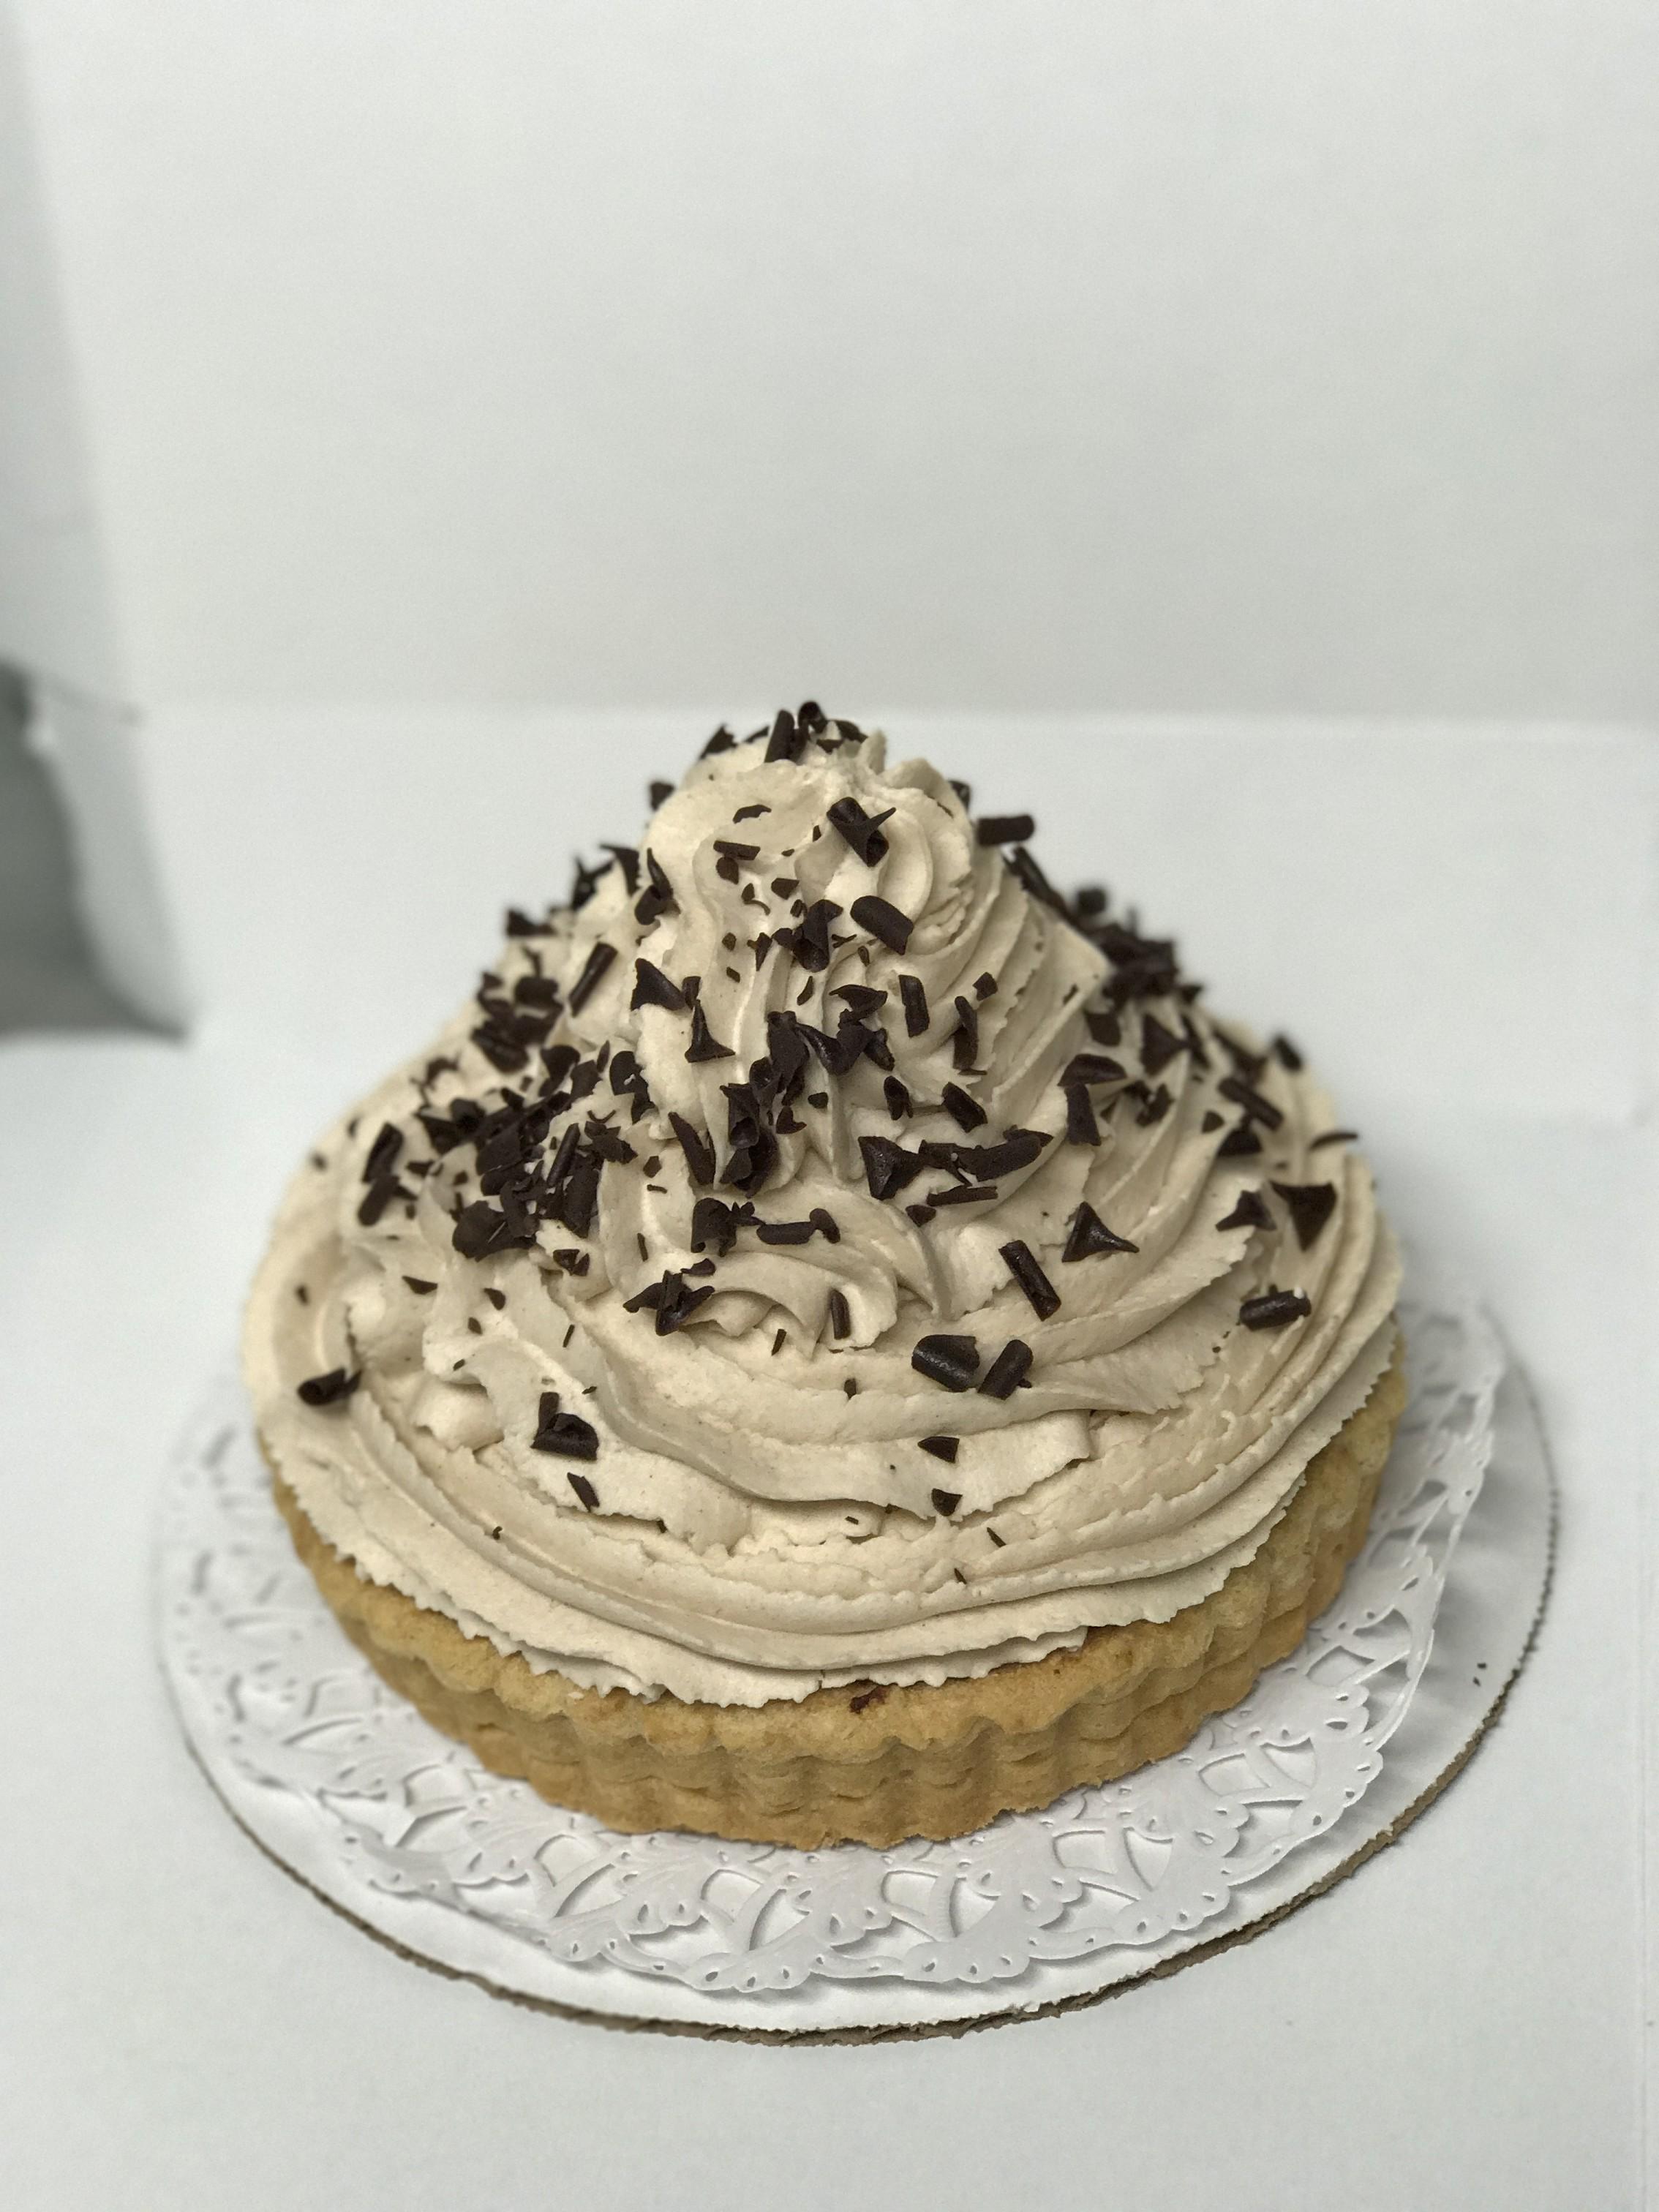 Banana Chocolate Cream Tart